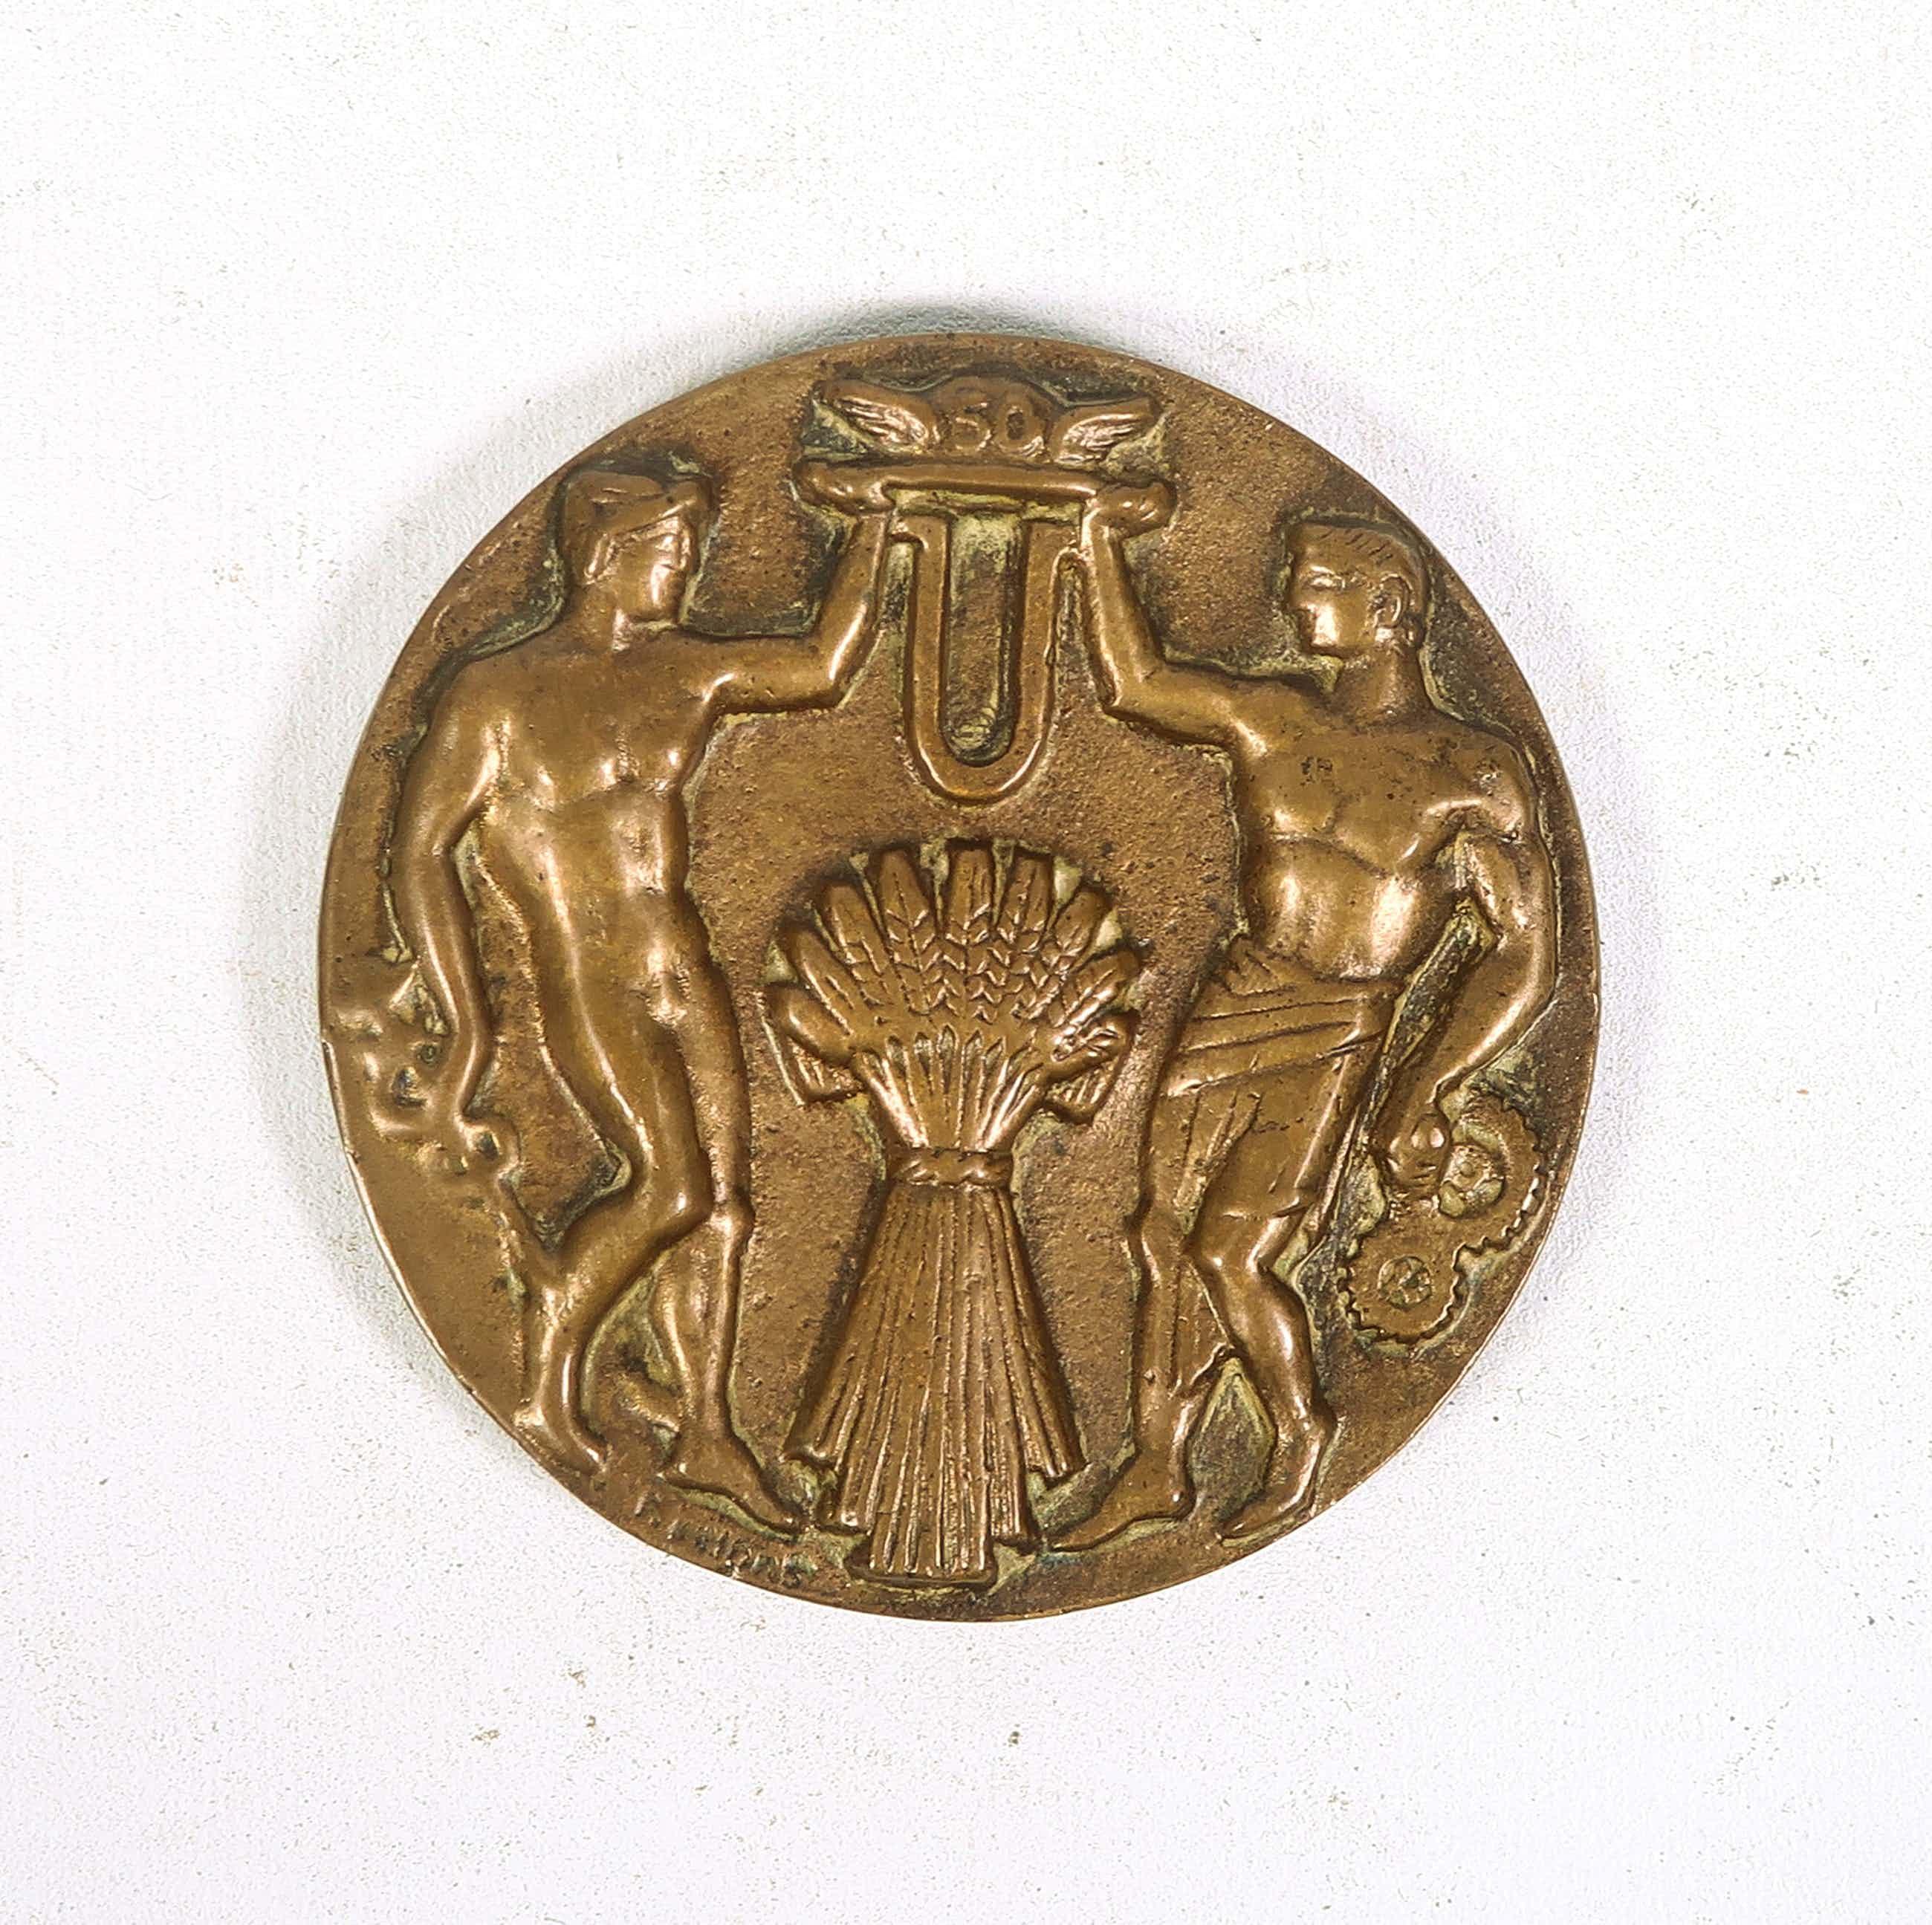 Pieter d' Hont - Bronzen penning, 50ste jaarbeurs Utrecht kopen? Bied vanaf 35!